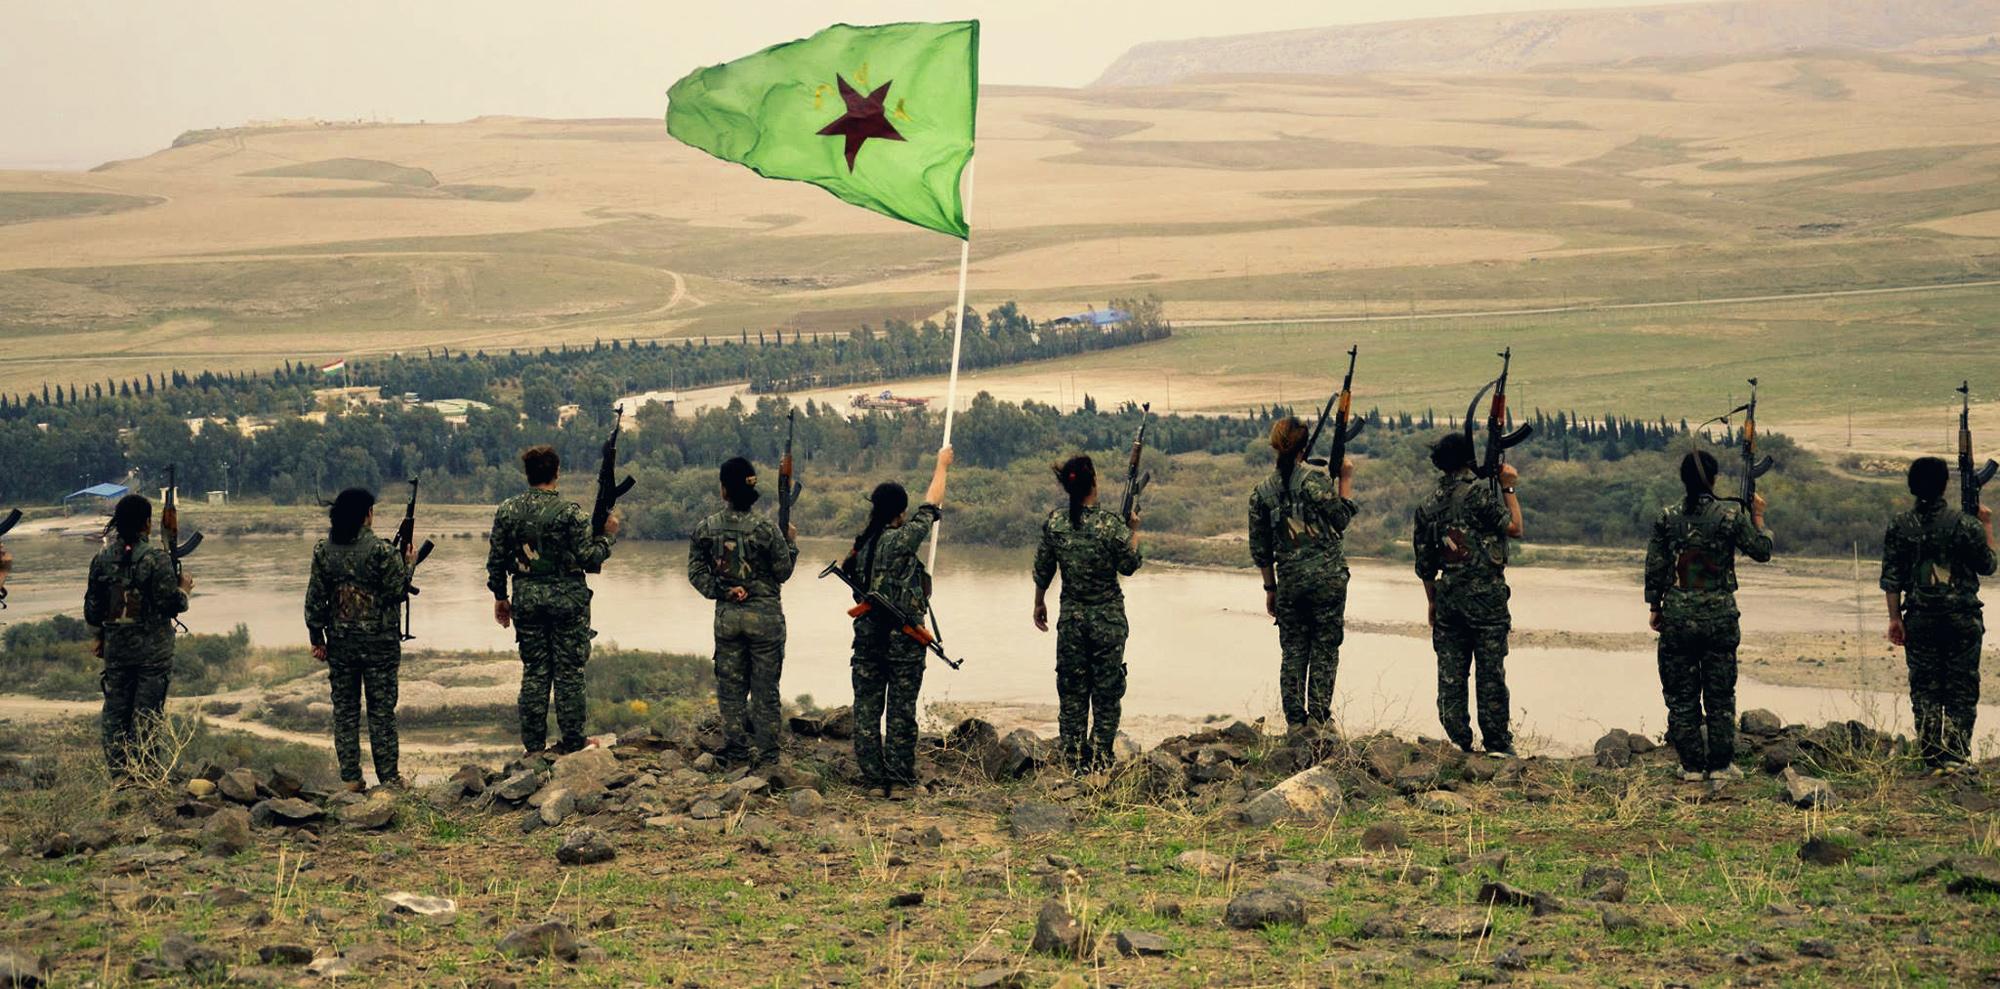 """Russland spielt """"guter Bulle, böser Bulle"""" mit den syrischen Kurden <br>  <span id='sec-title'>Eine geschickte Strategie, die Kurden ins russische Lager herüberzuziehen.</span>"""